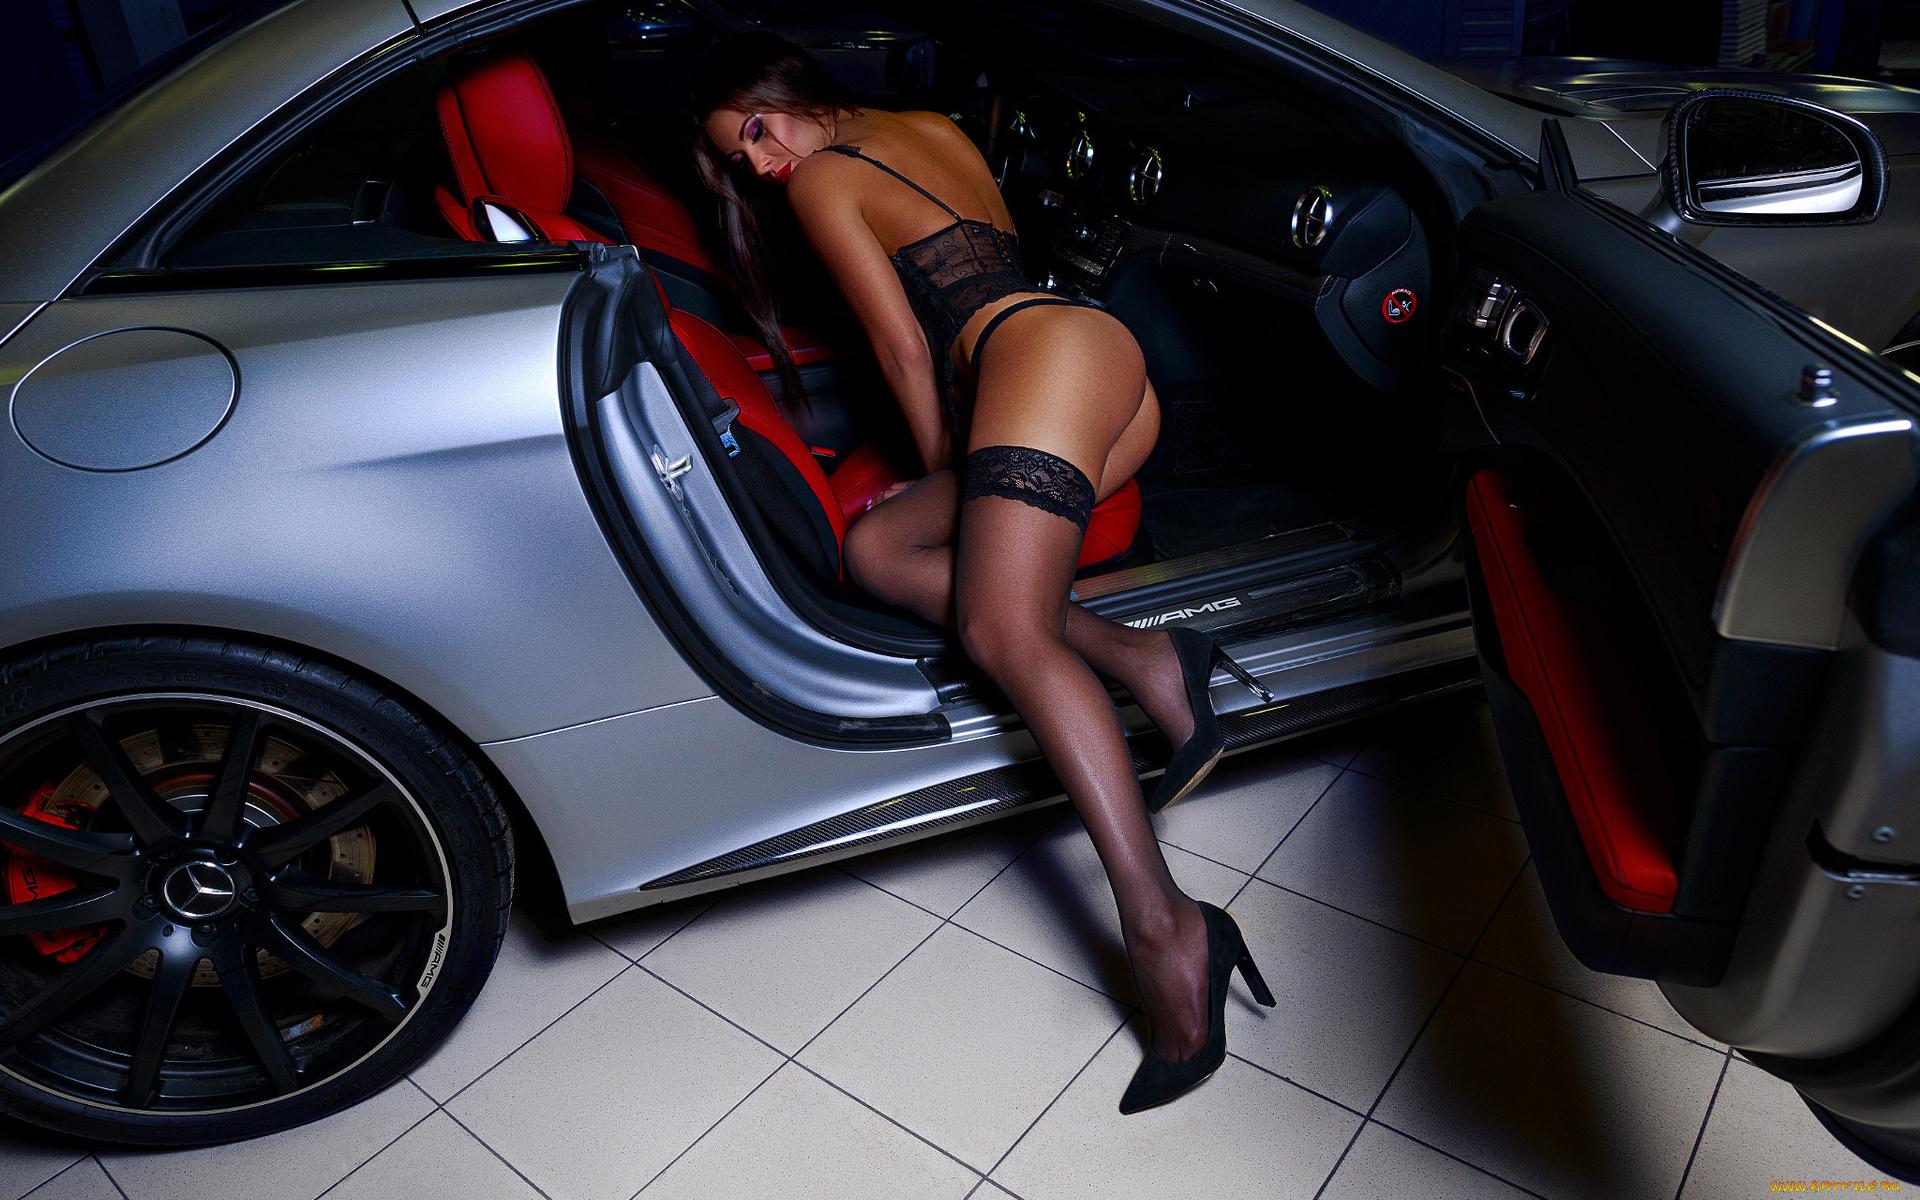 сексуальная брюнетка на шпильке за рулем автомобиля только лайн